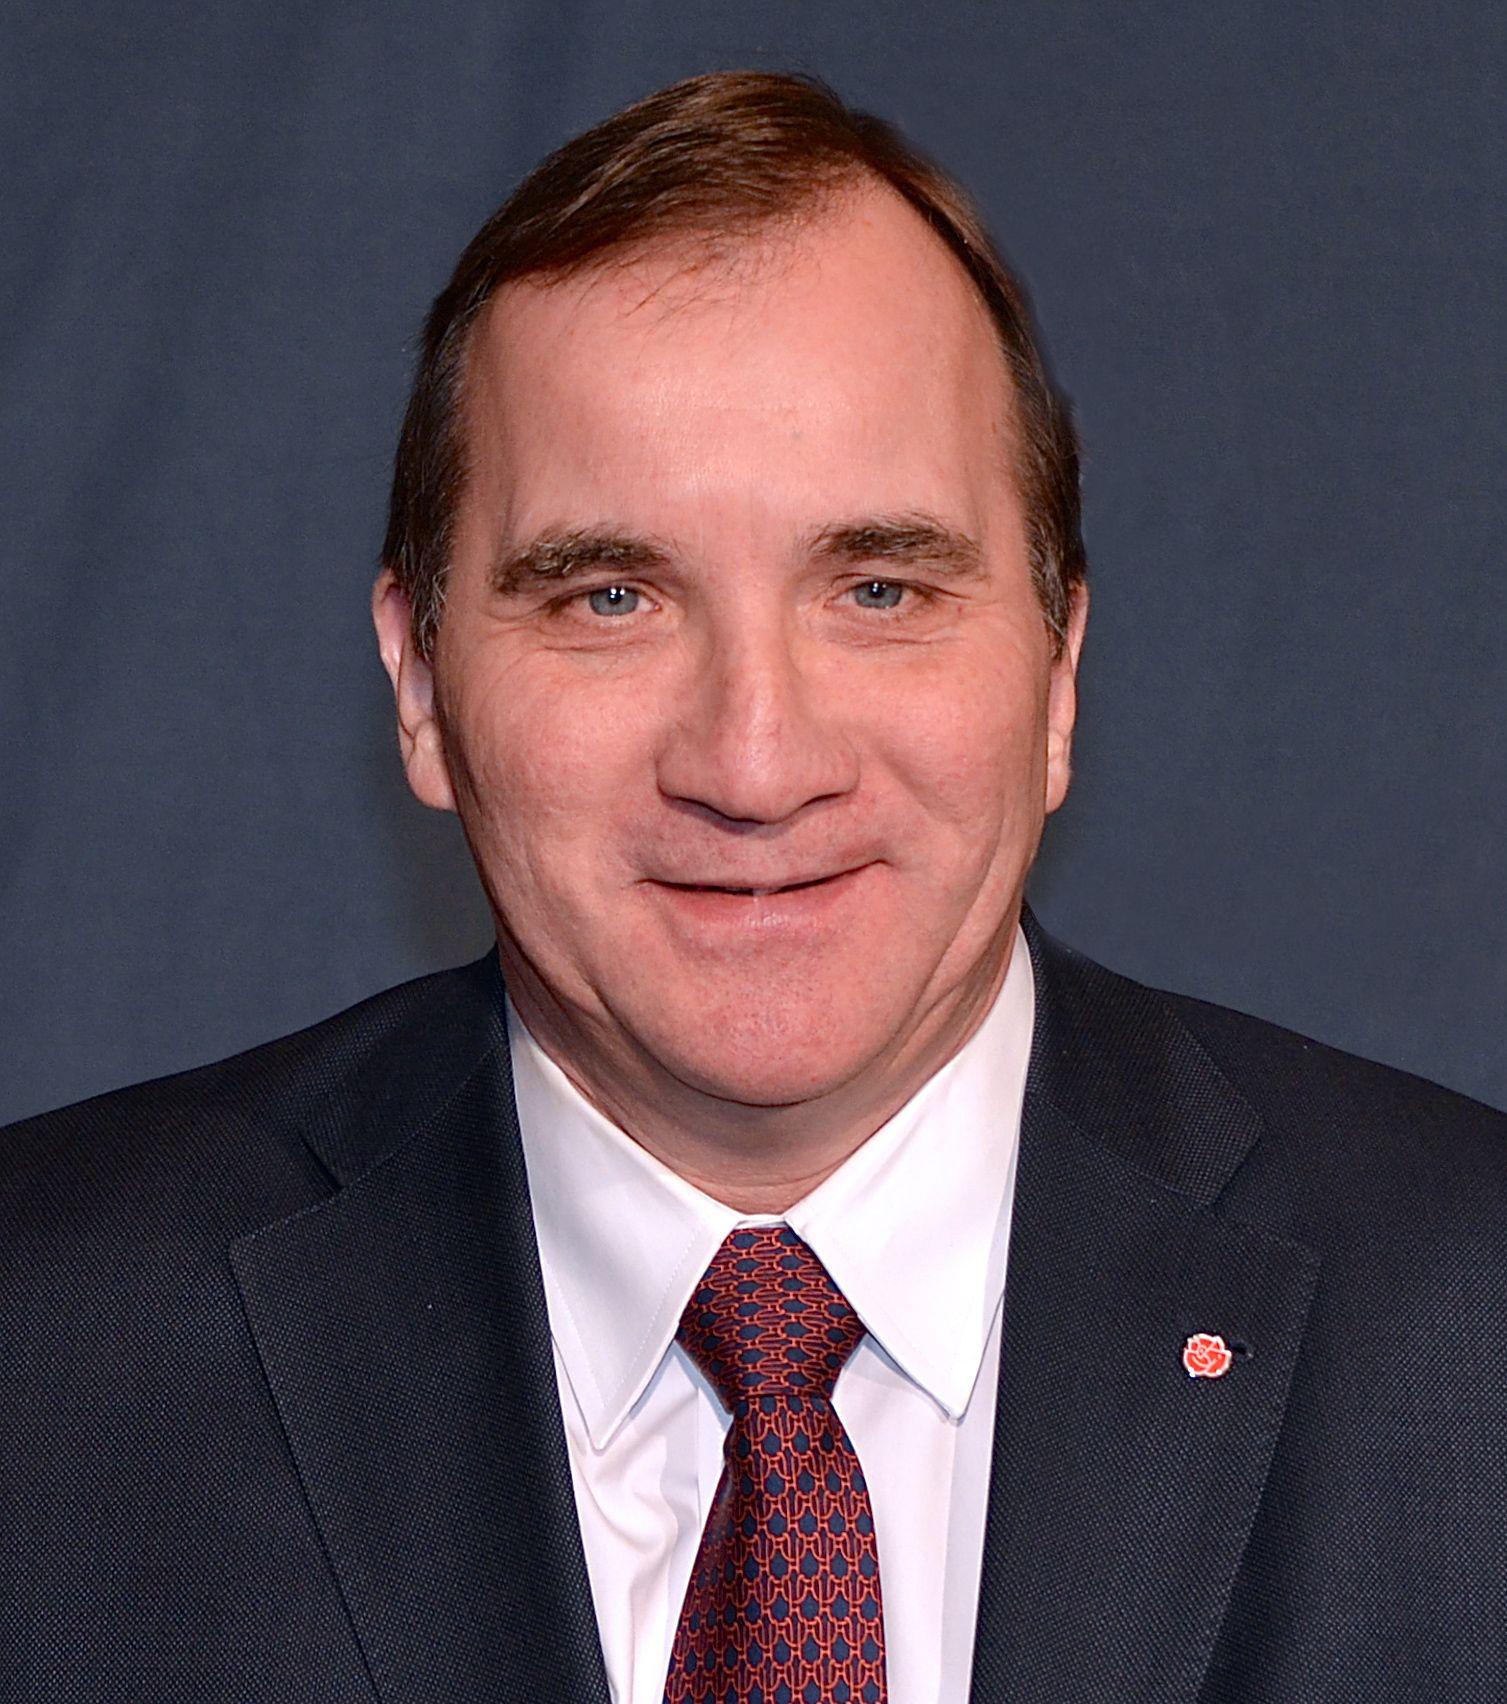 ¿Quién es el primer ministro de Suecia?